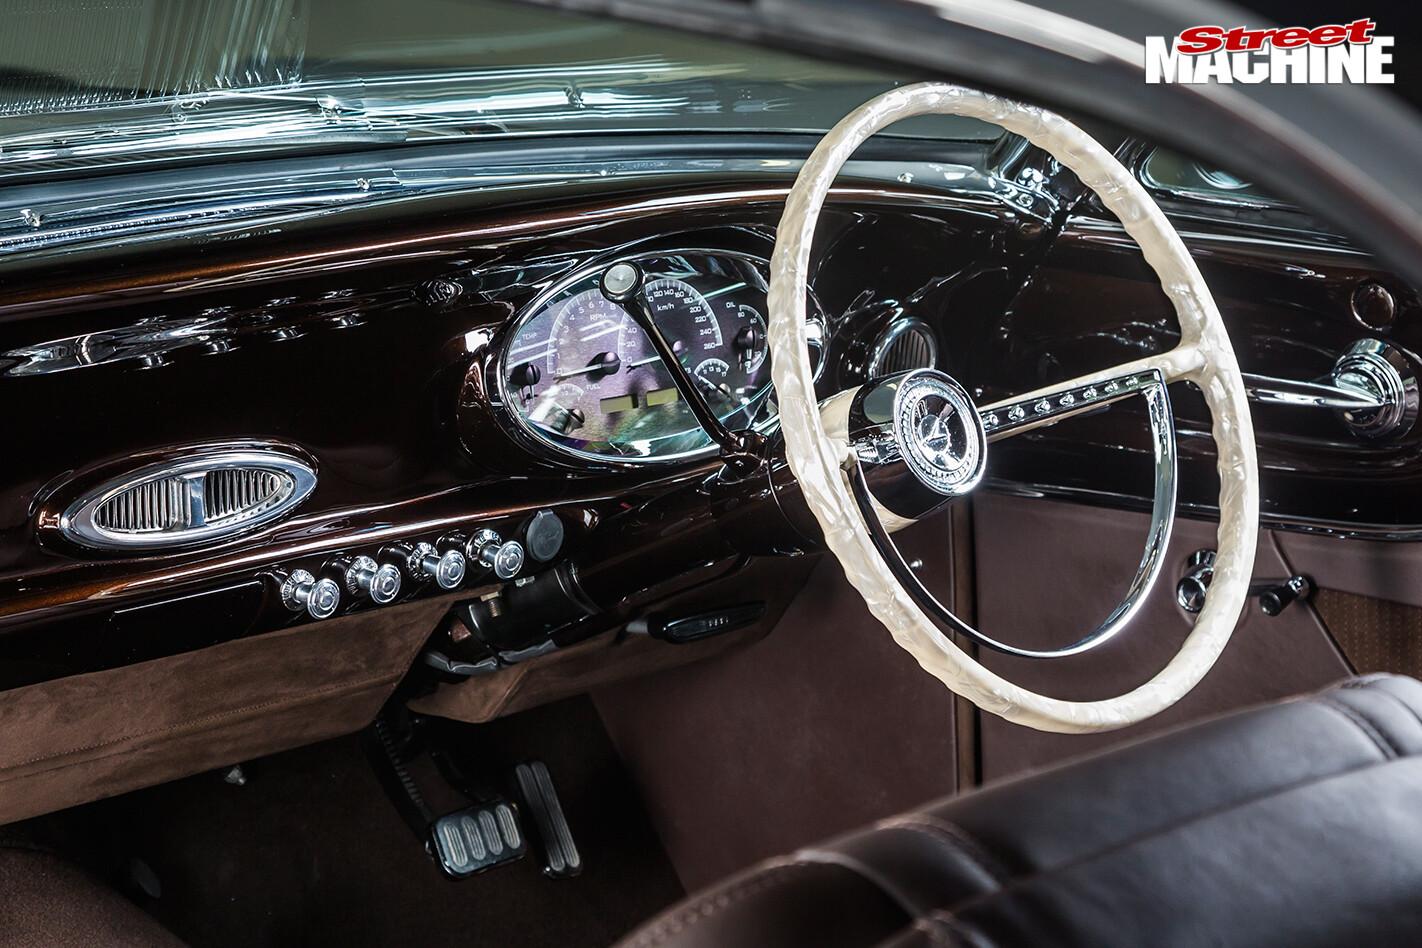 Ford -falcon -xp -interior -dash -2